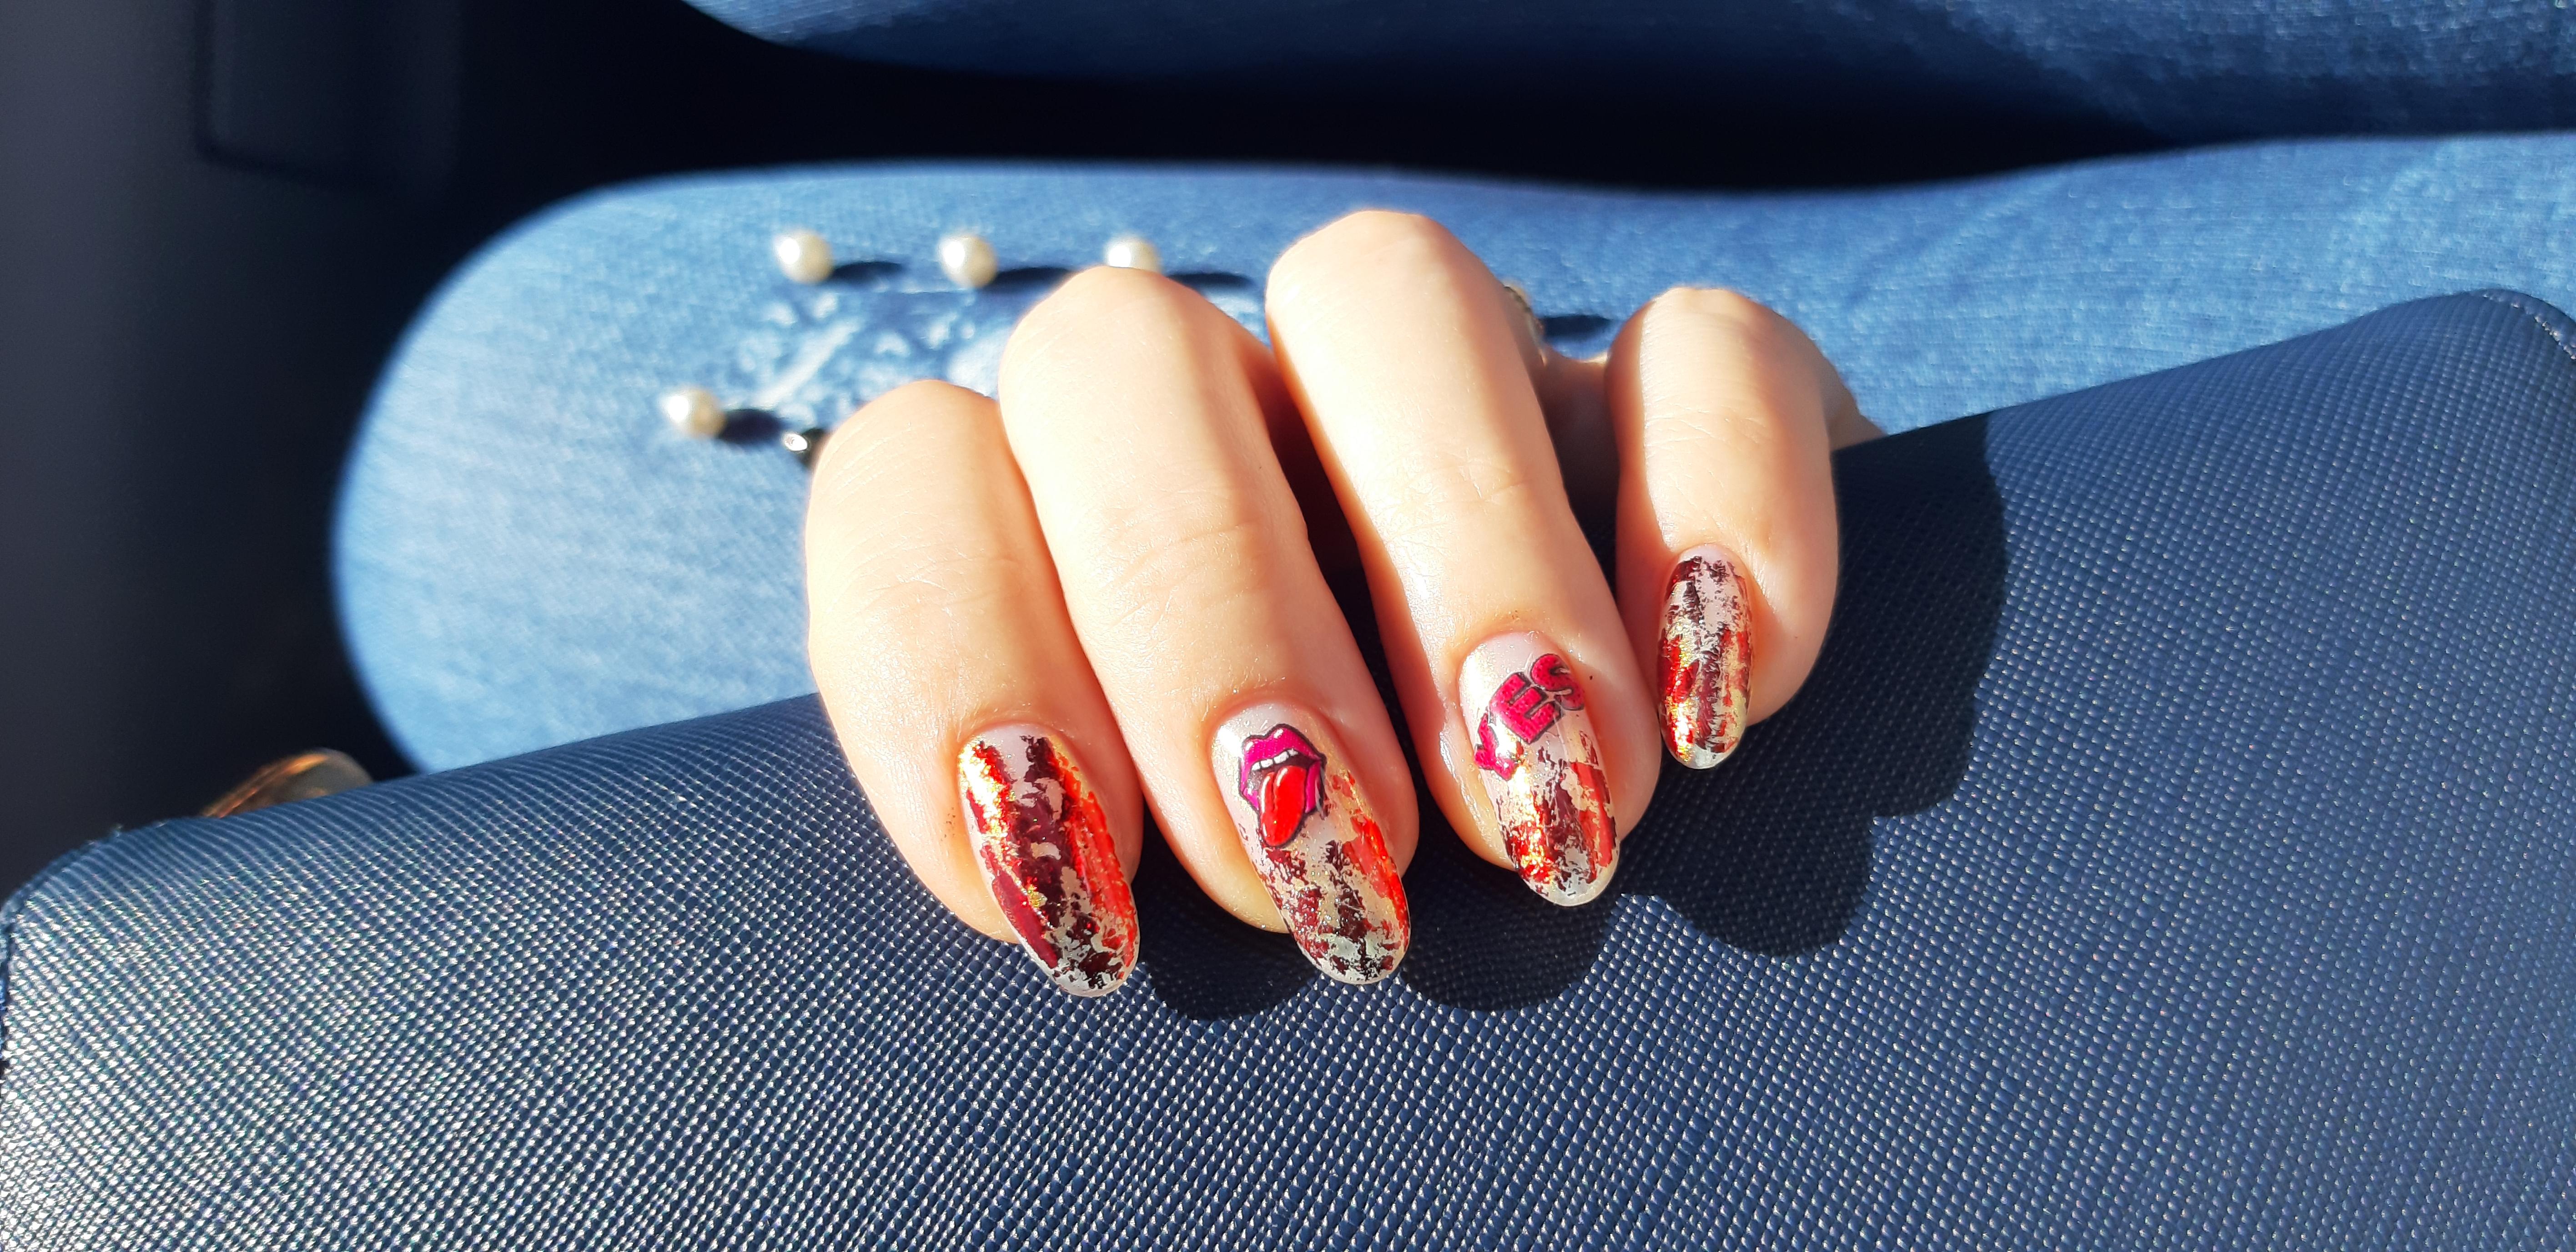 Маникюр с цветной фольгой и слайдерами на длинные ногти.